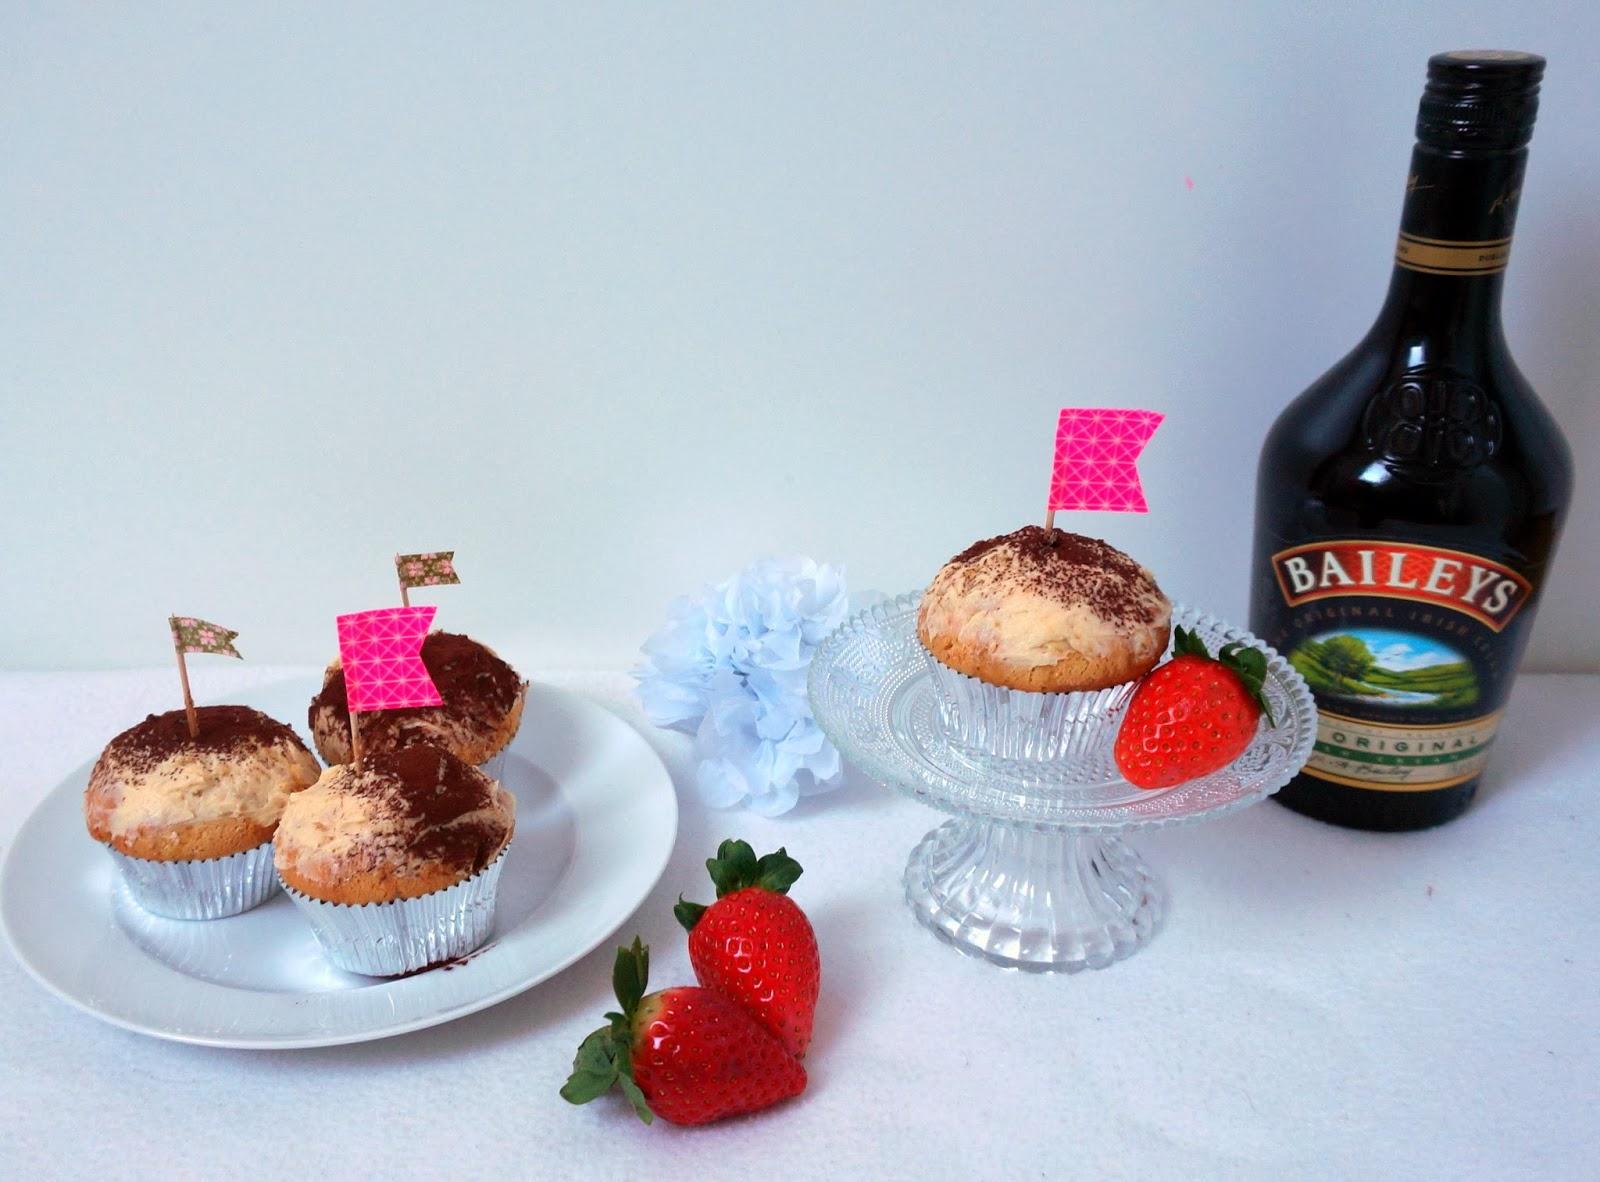 Baileys du de leche trés leche Cupcakes Alkohol Geburtstag Cupcake Milch